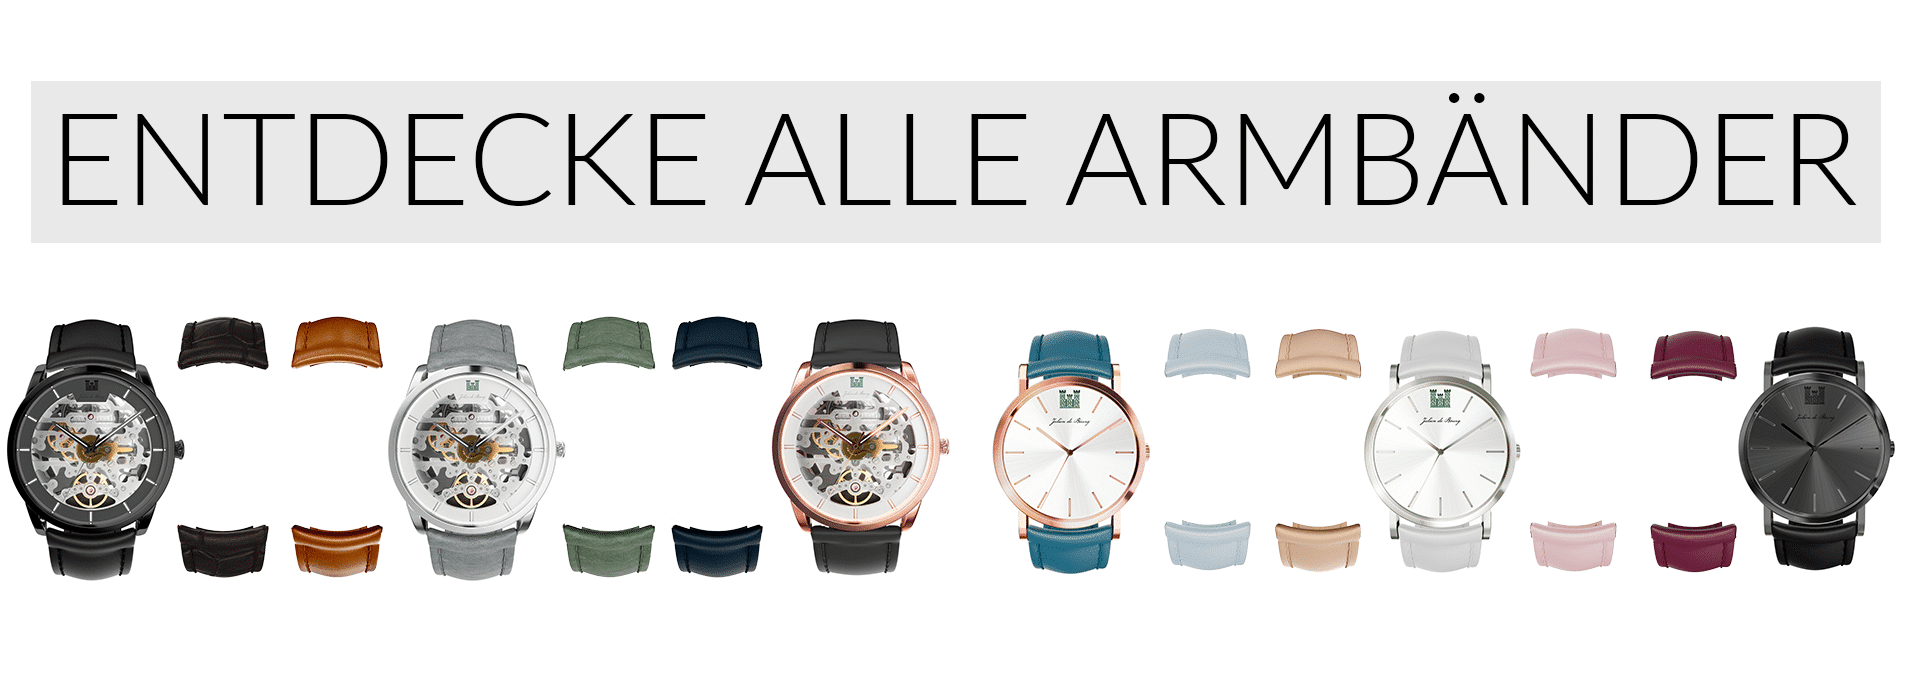 Armbänder, straps, leather straps, Bänder, Automatikuhr, automatic, mechanical watch, mechanische Uhr, Herrenuhr, men